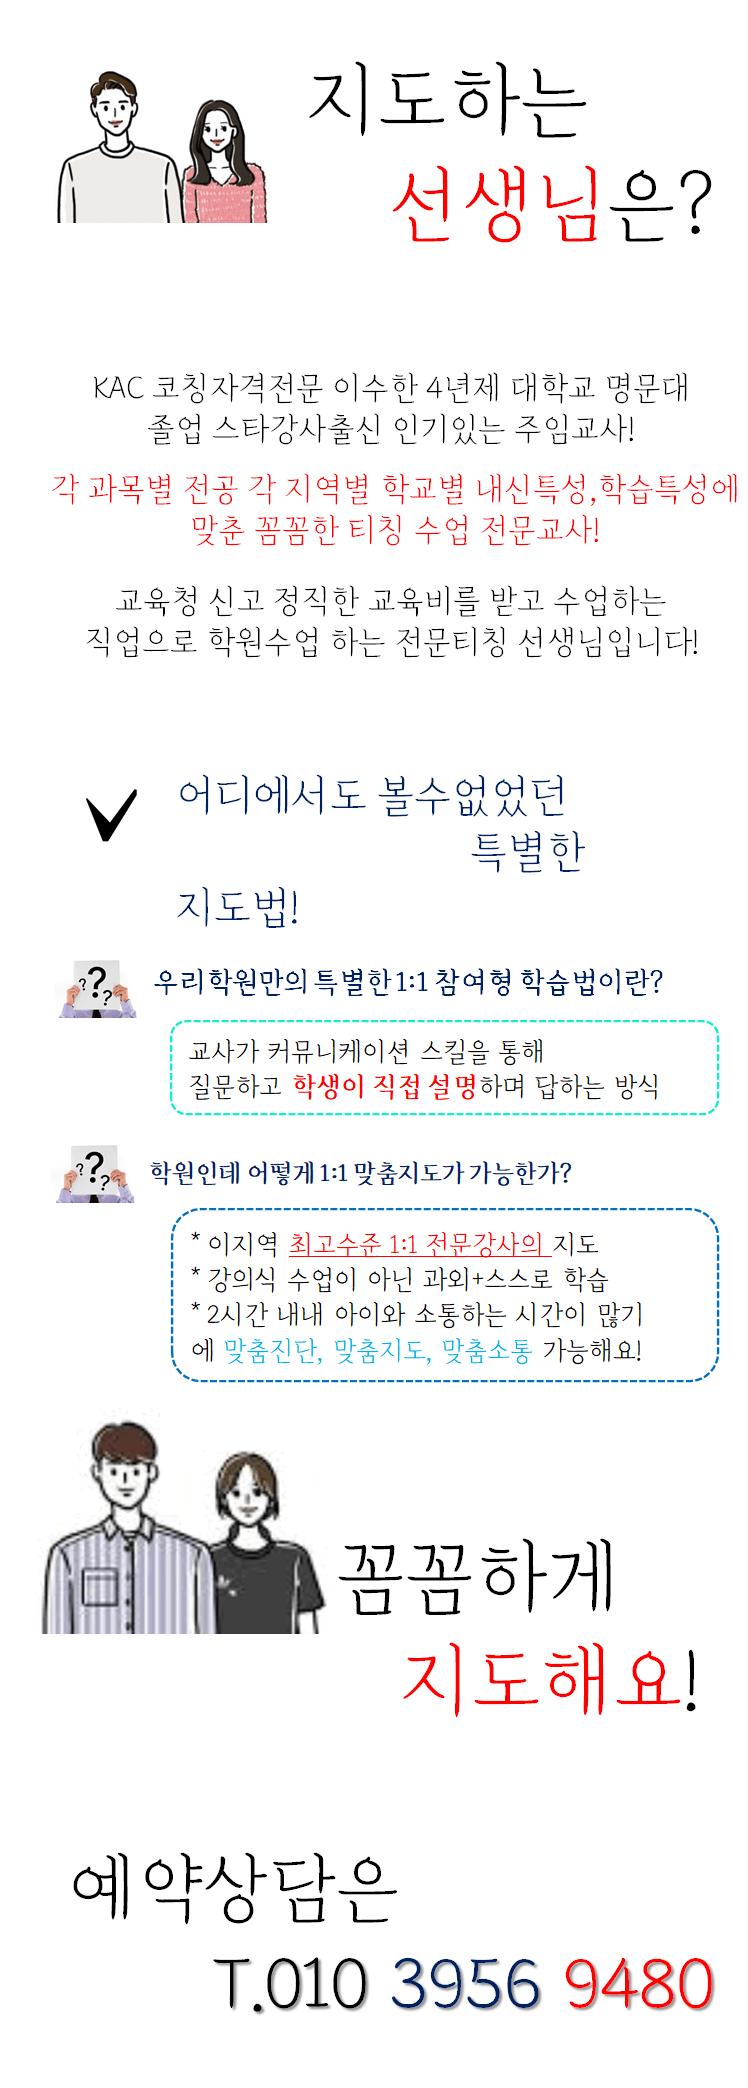 viewimage.php?id=7fed8071e1d33db57bb1&no=24b0d769e1d32ca73fec8efa11d02831835273132ddd61d36cf617d09c4cd51d9c43b523f040ce3bfc0ed732a396ee2200510278bc84c21ee556114ac731580ee1a5de51da4f